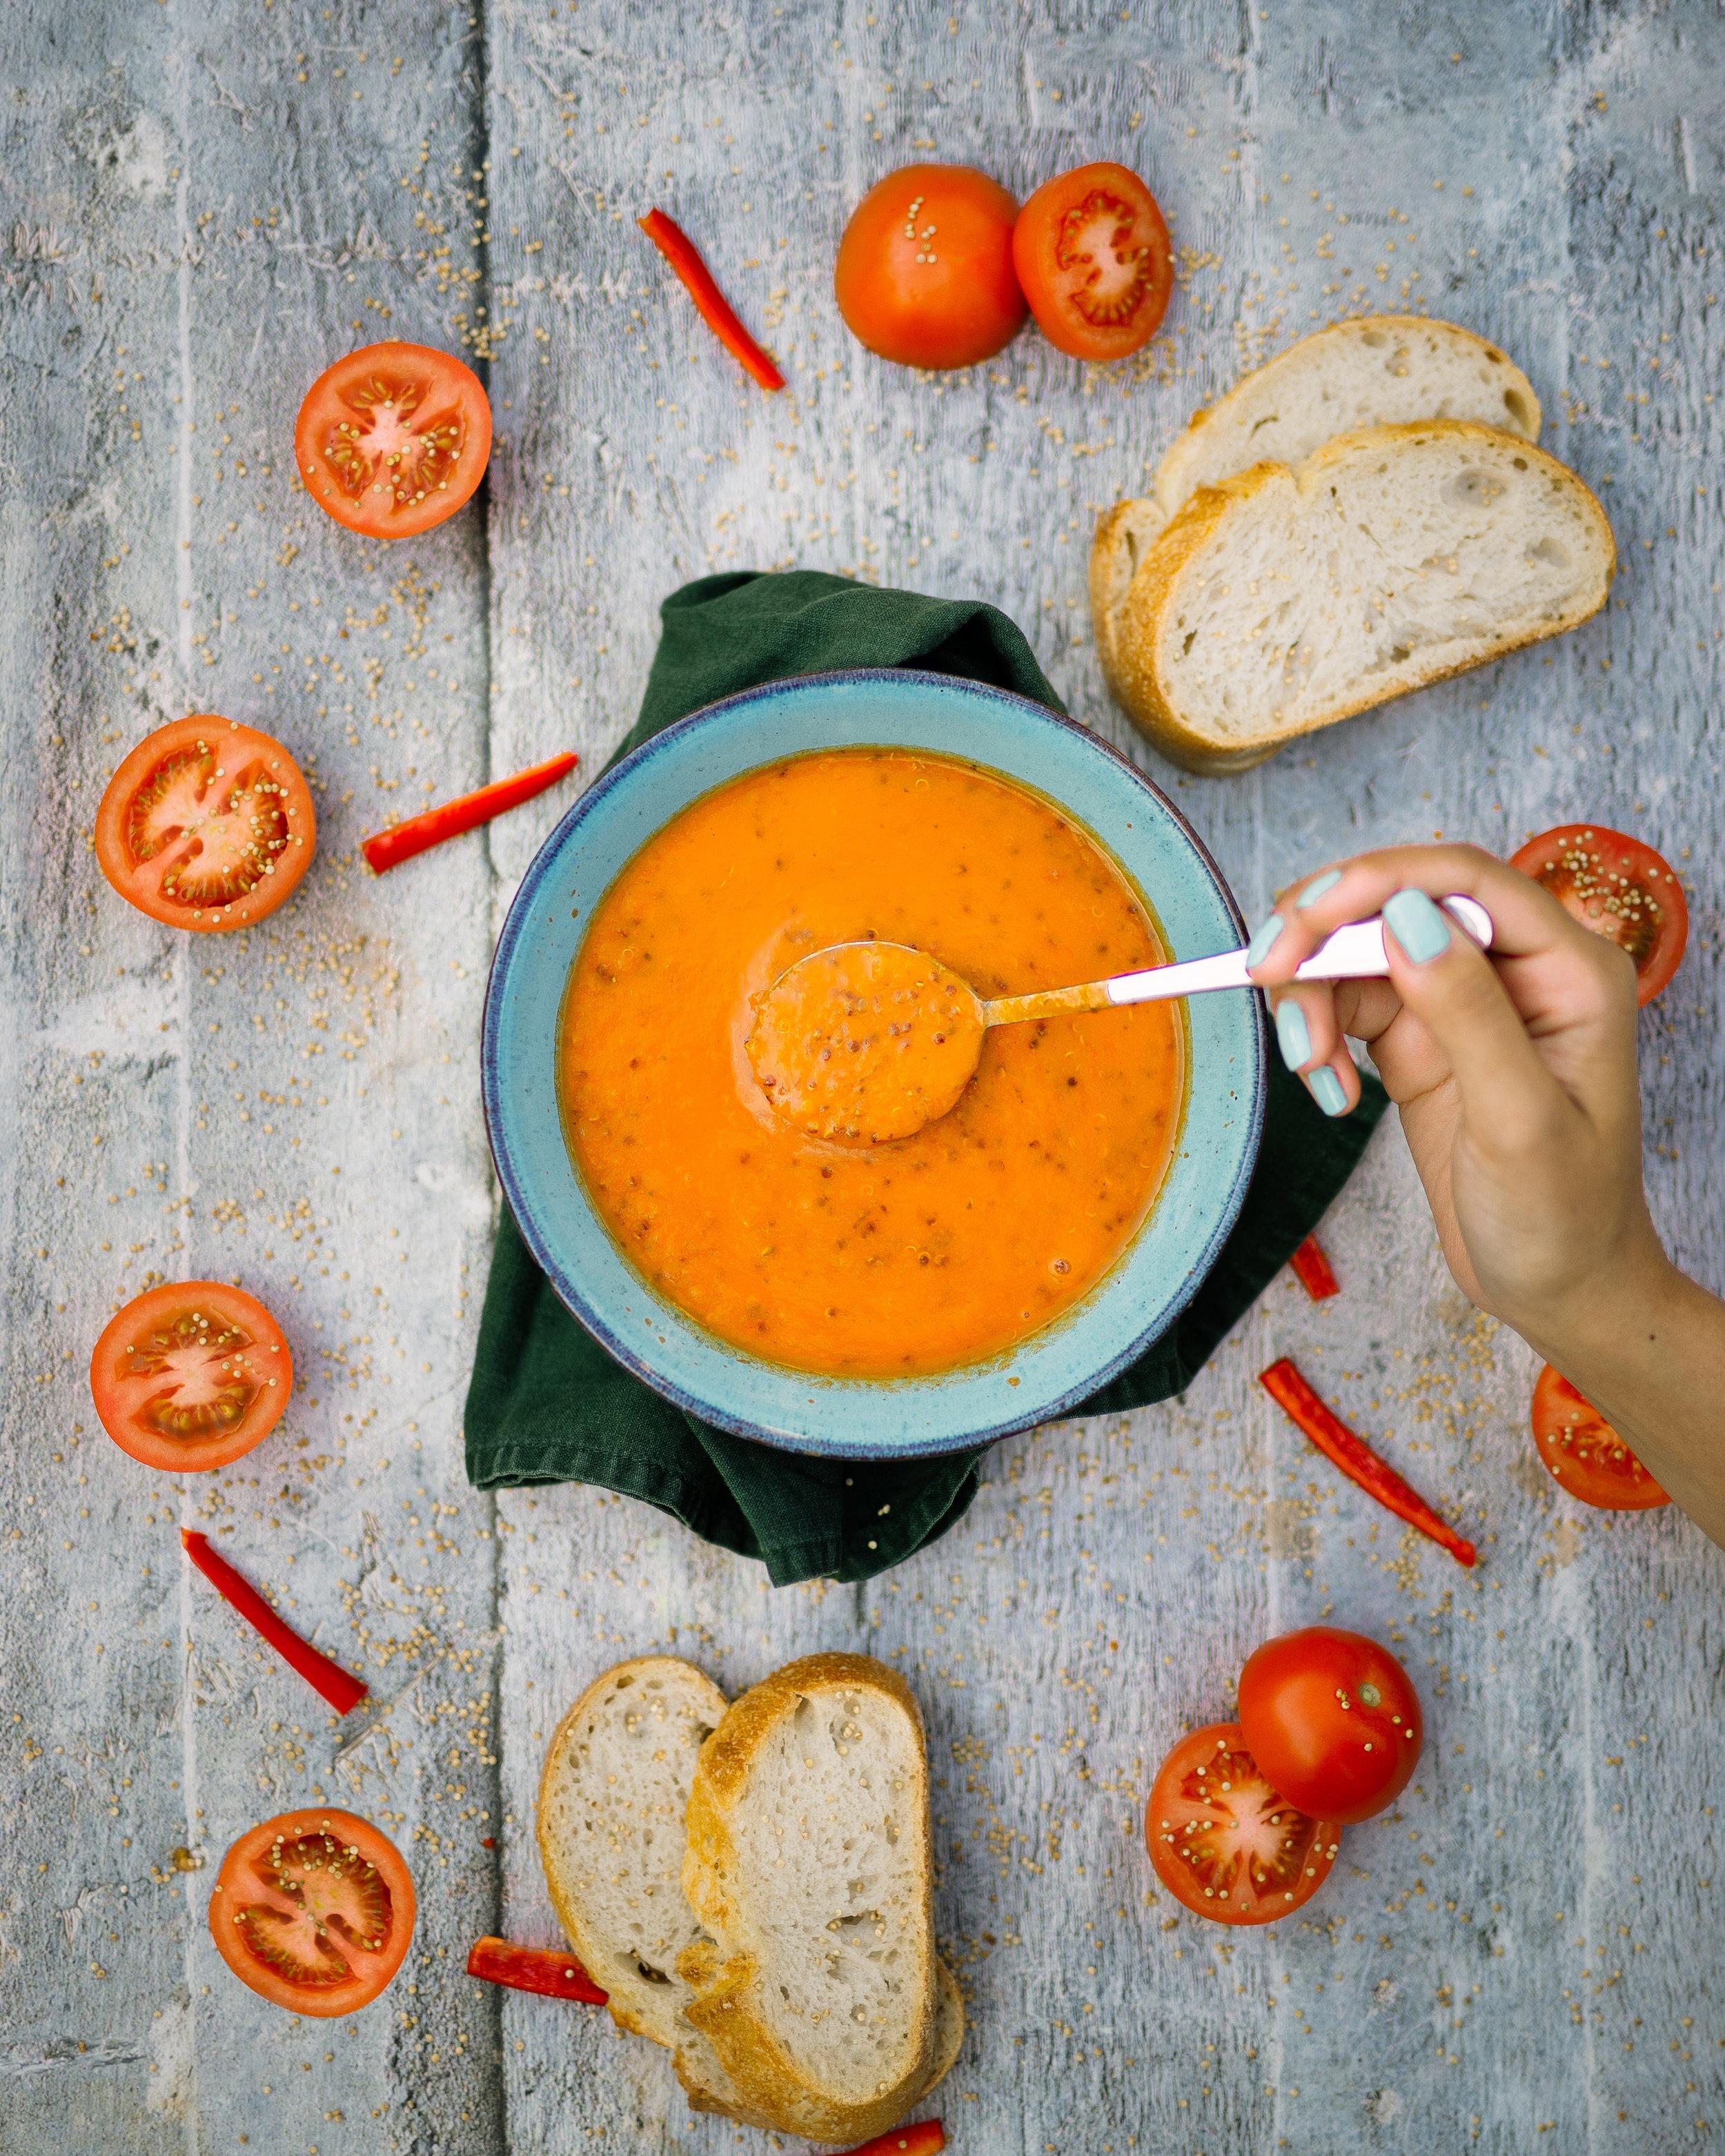 TomatoSoupFlatlay-1.jpg